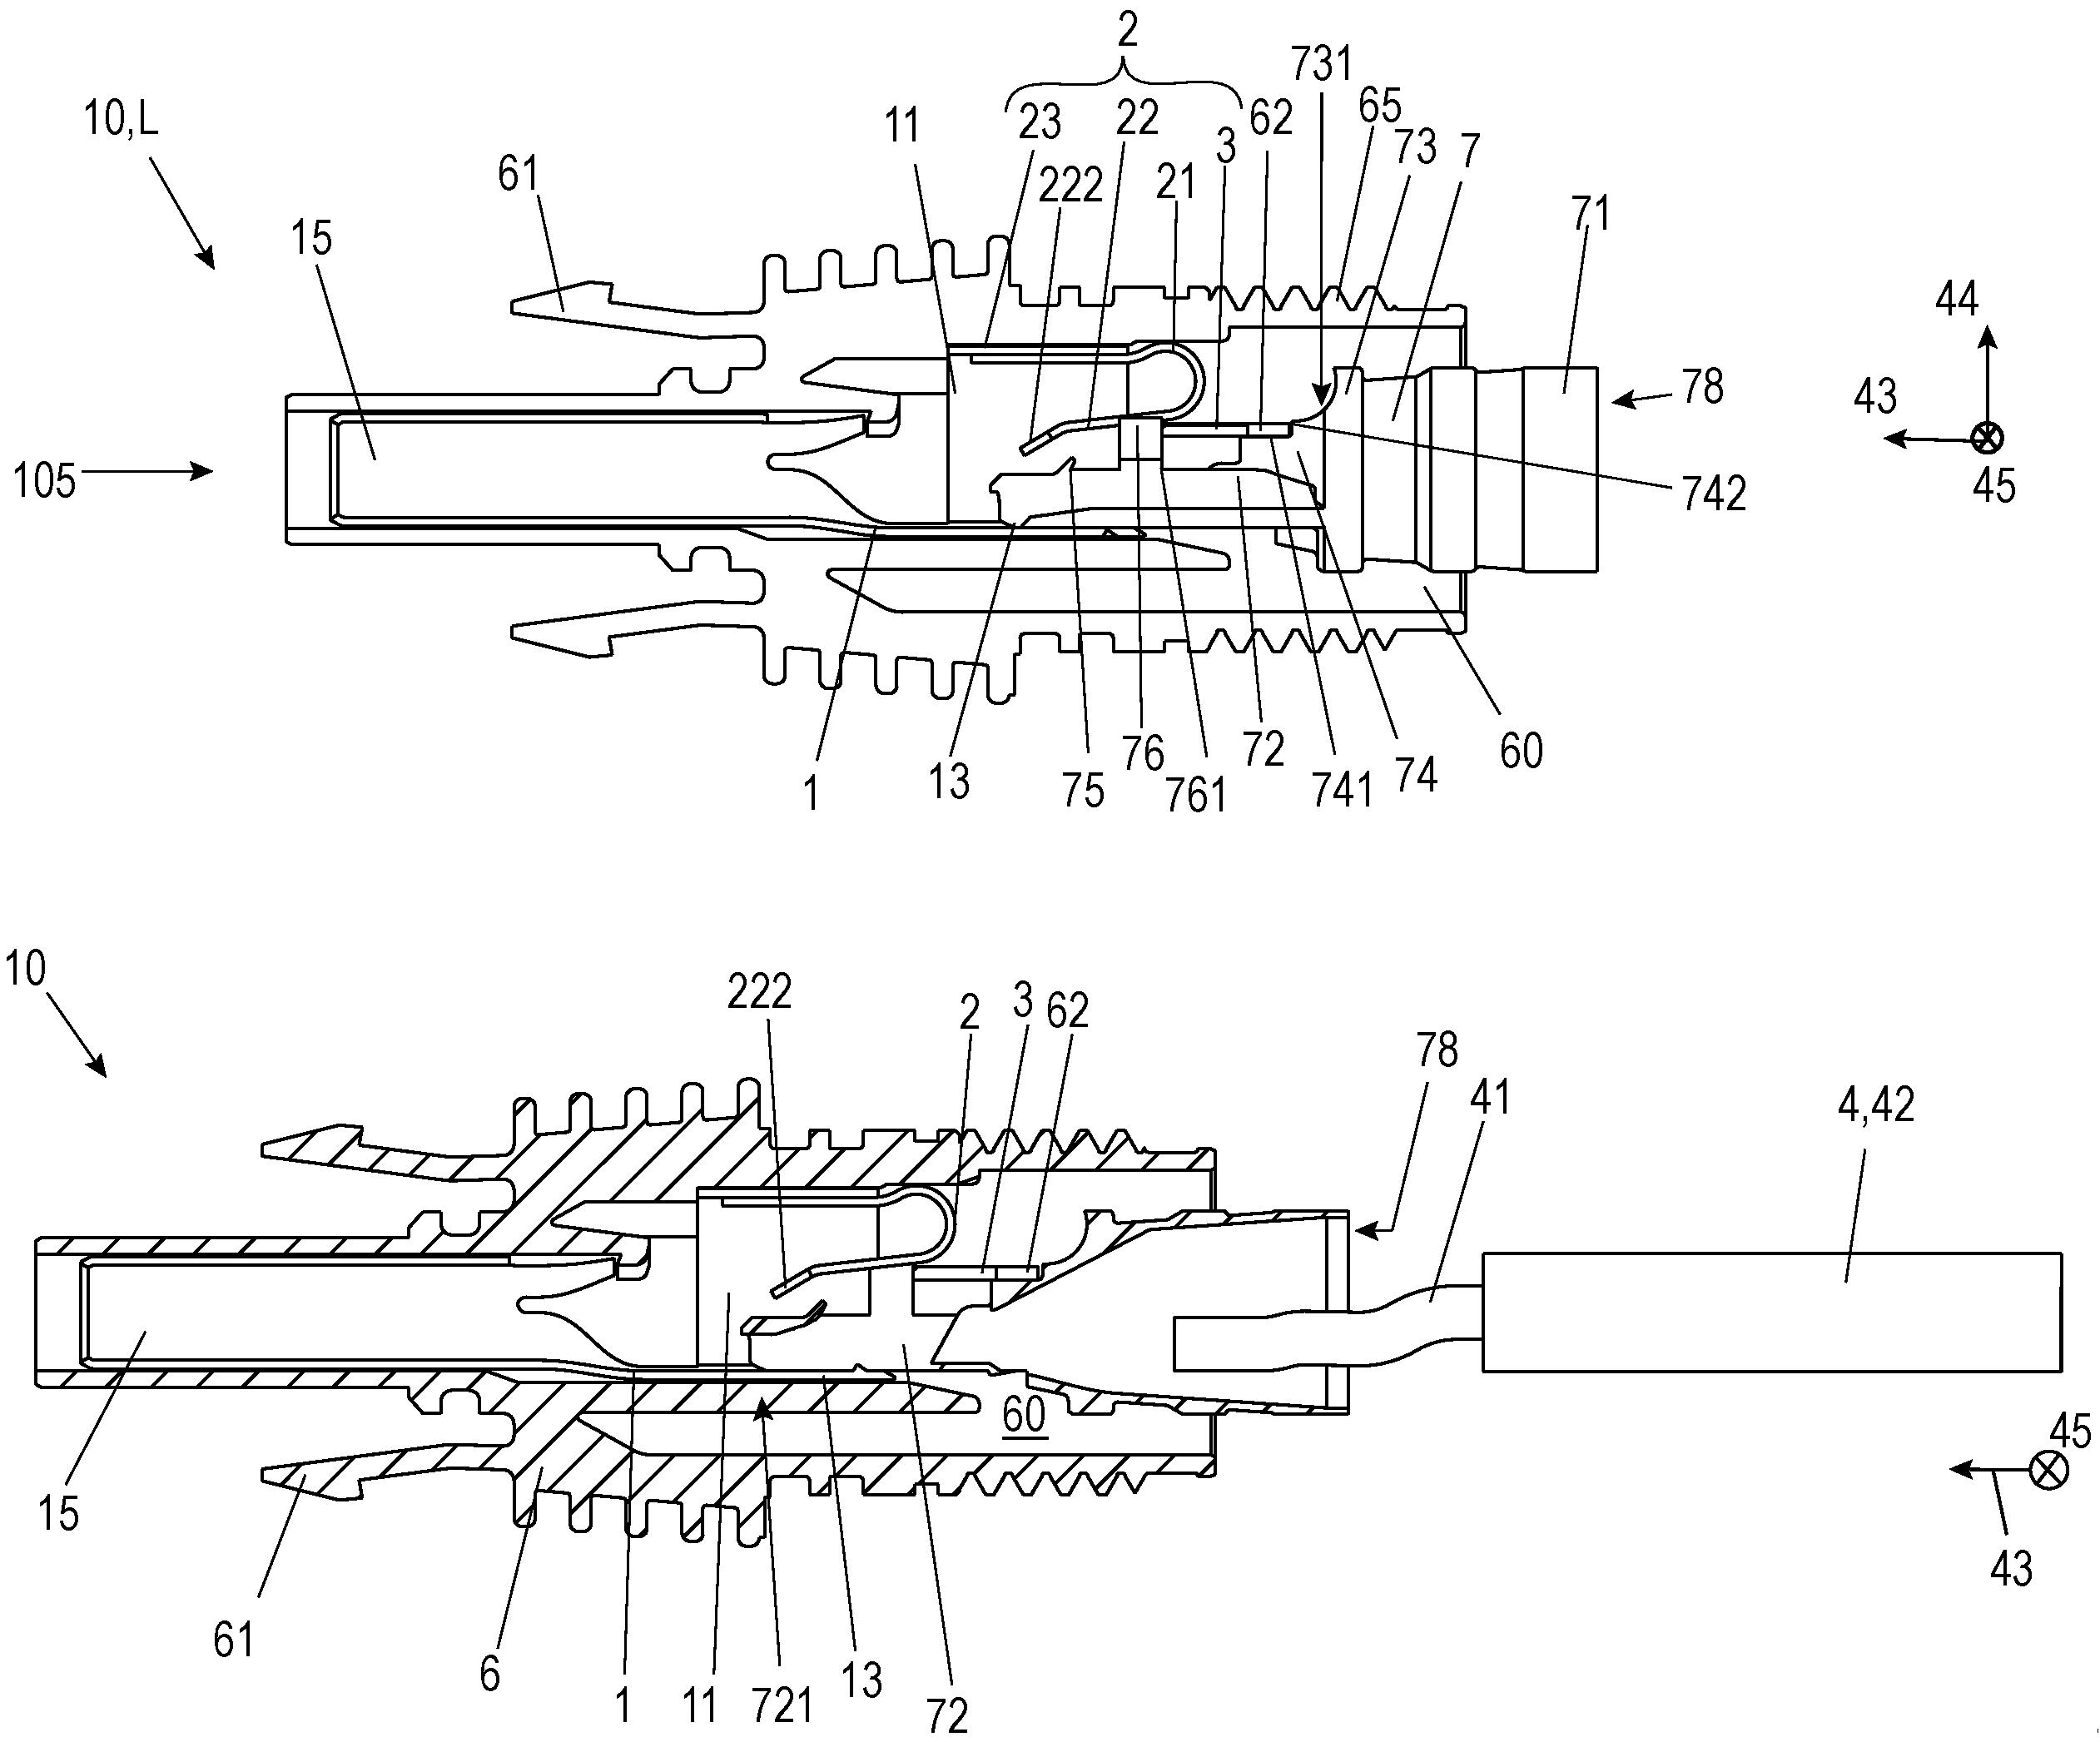 Figure DE202018105524U1_0000